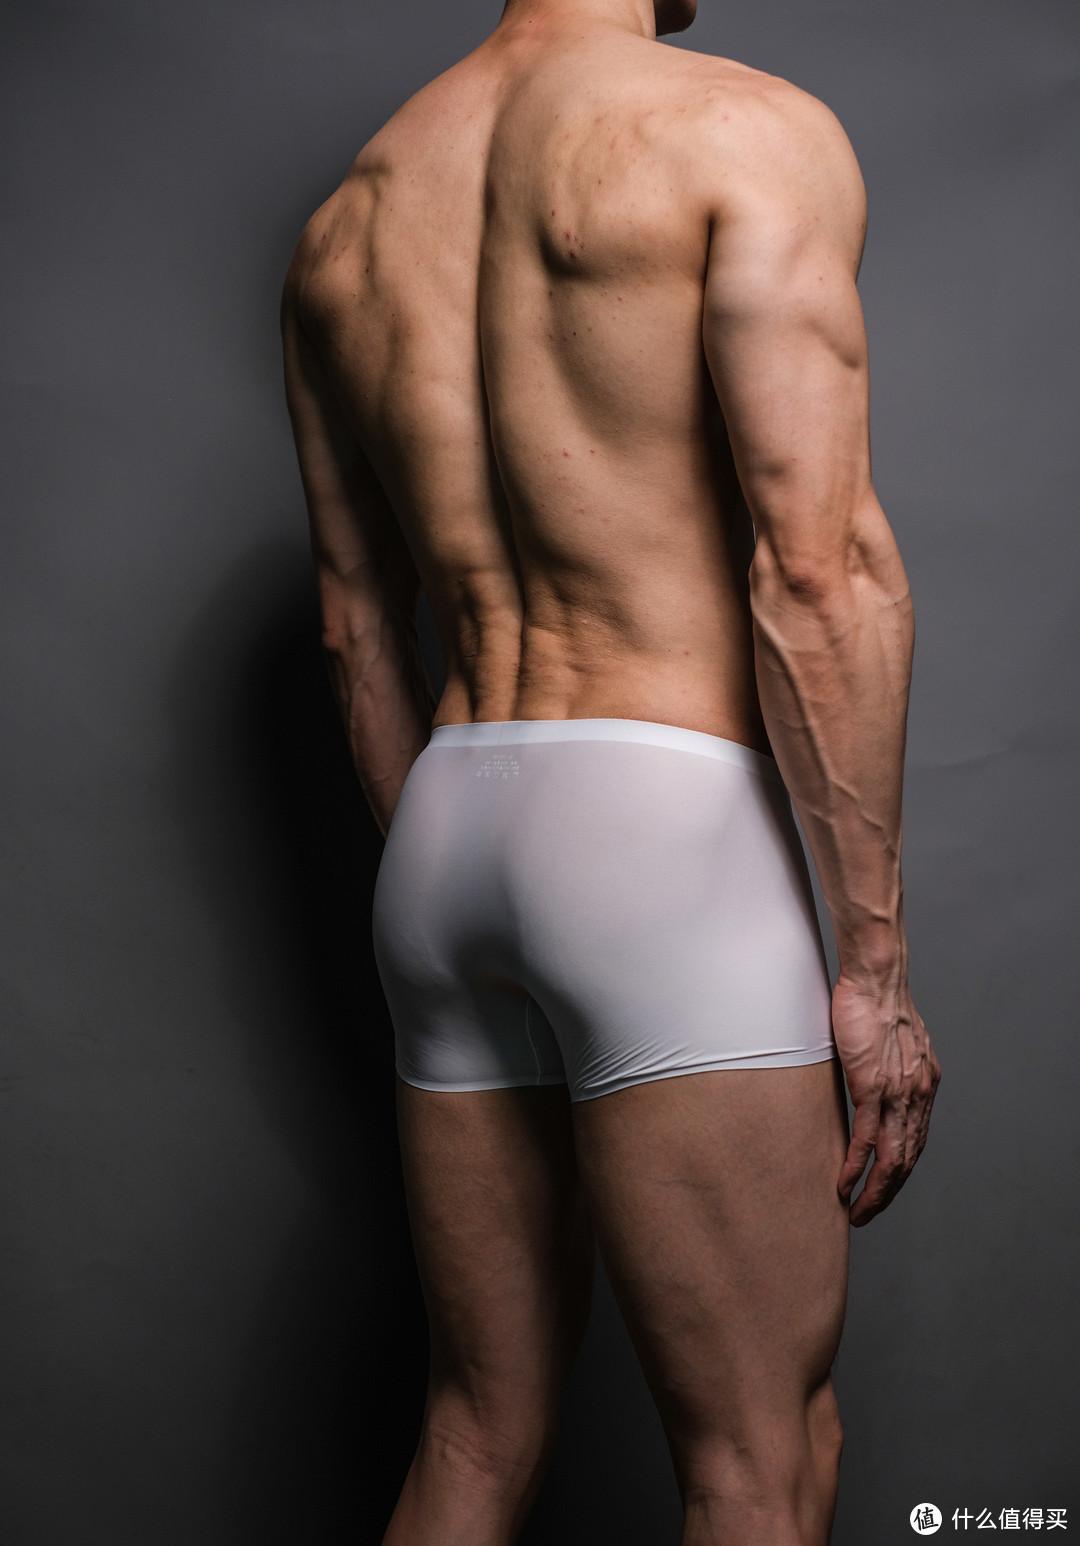 分享一款我很喜欢的冰丝内裤